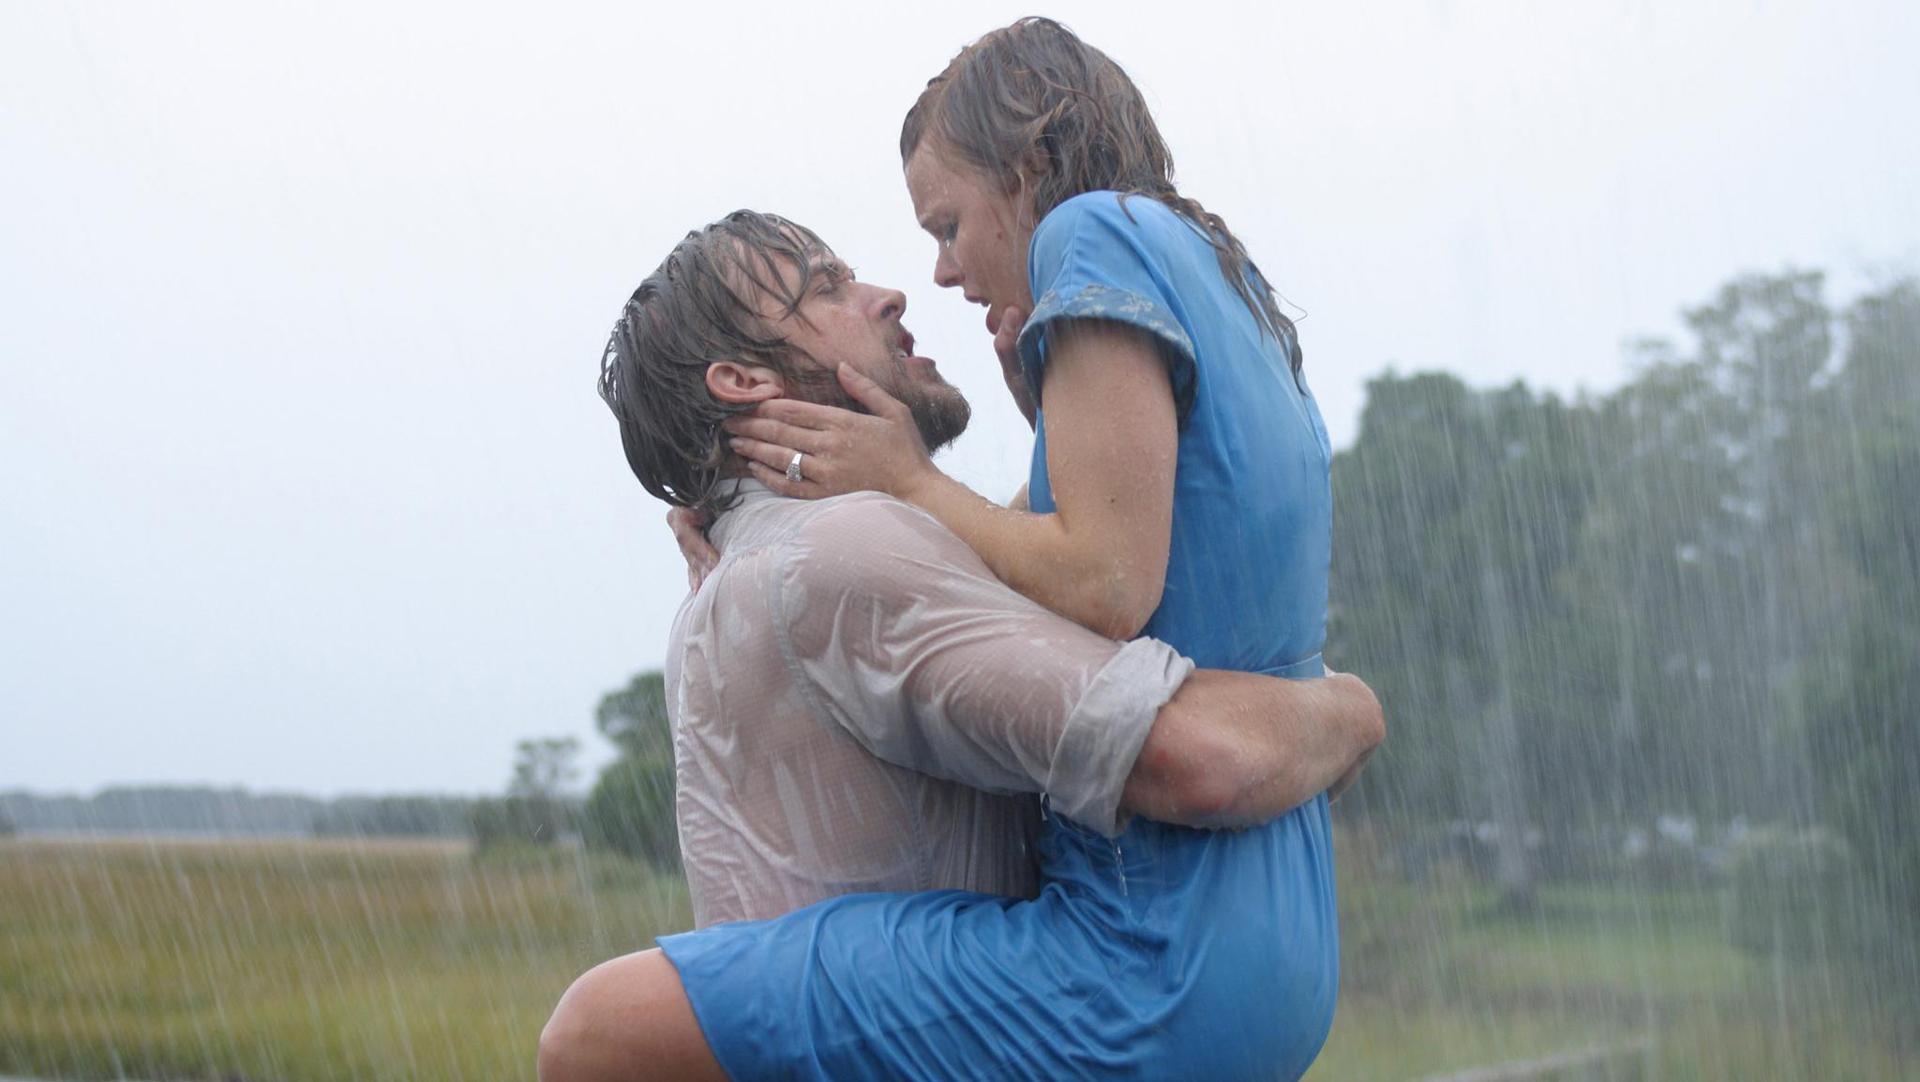 этом лучшие картинки о любви смотреть природные пейзажи